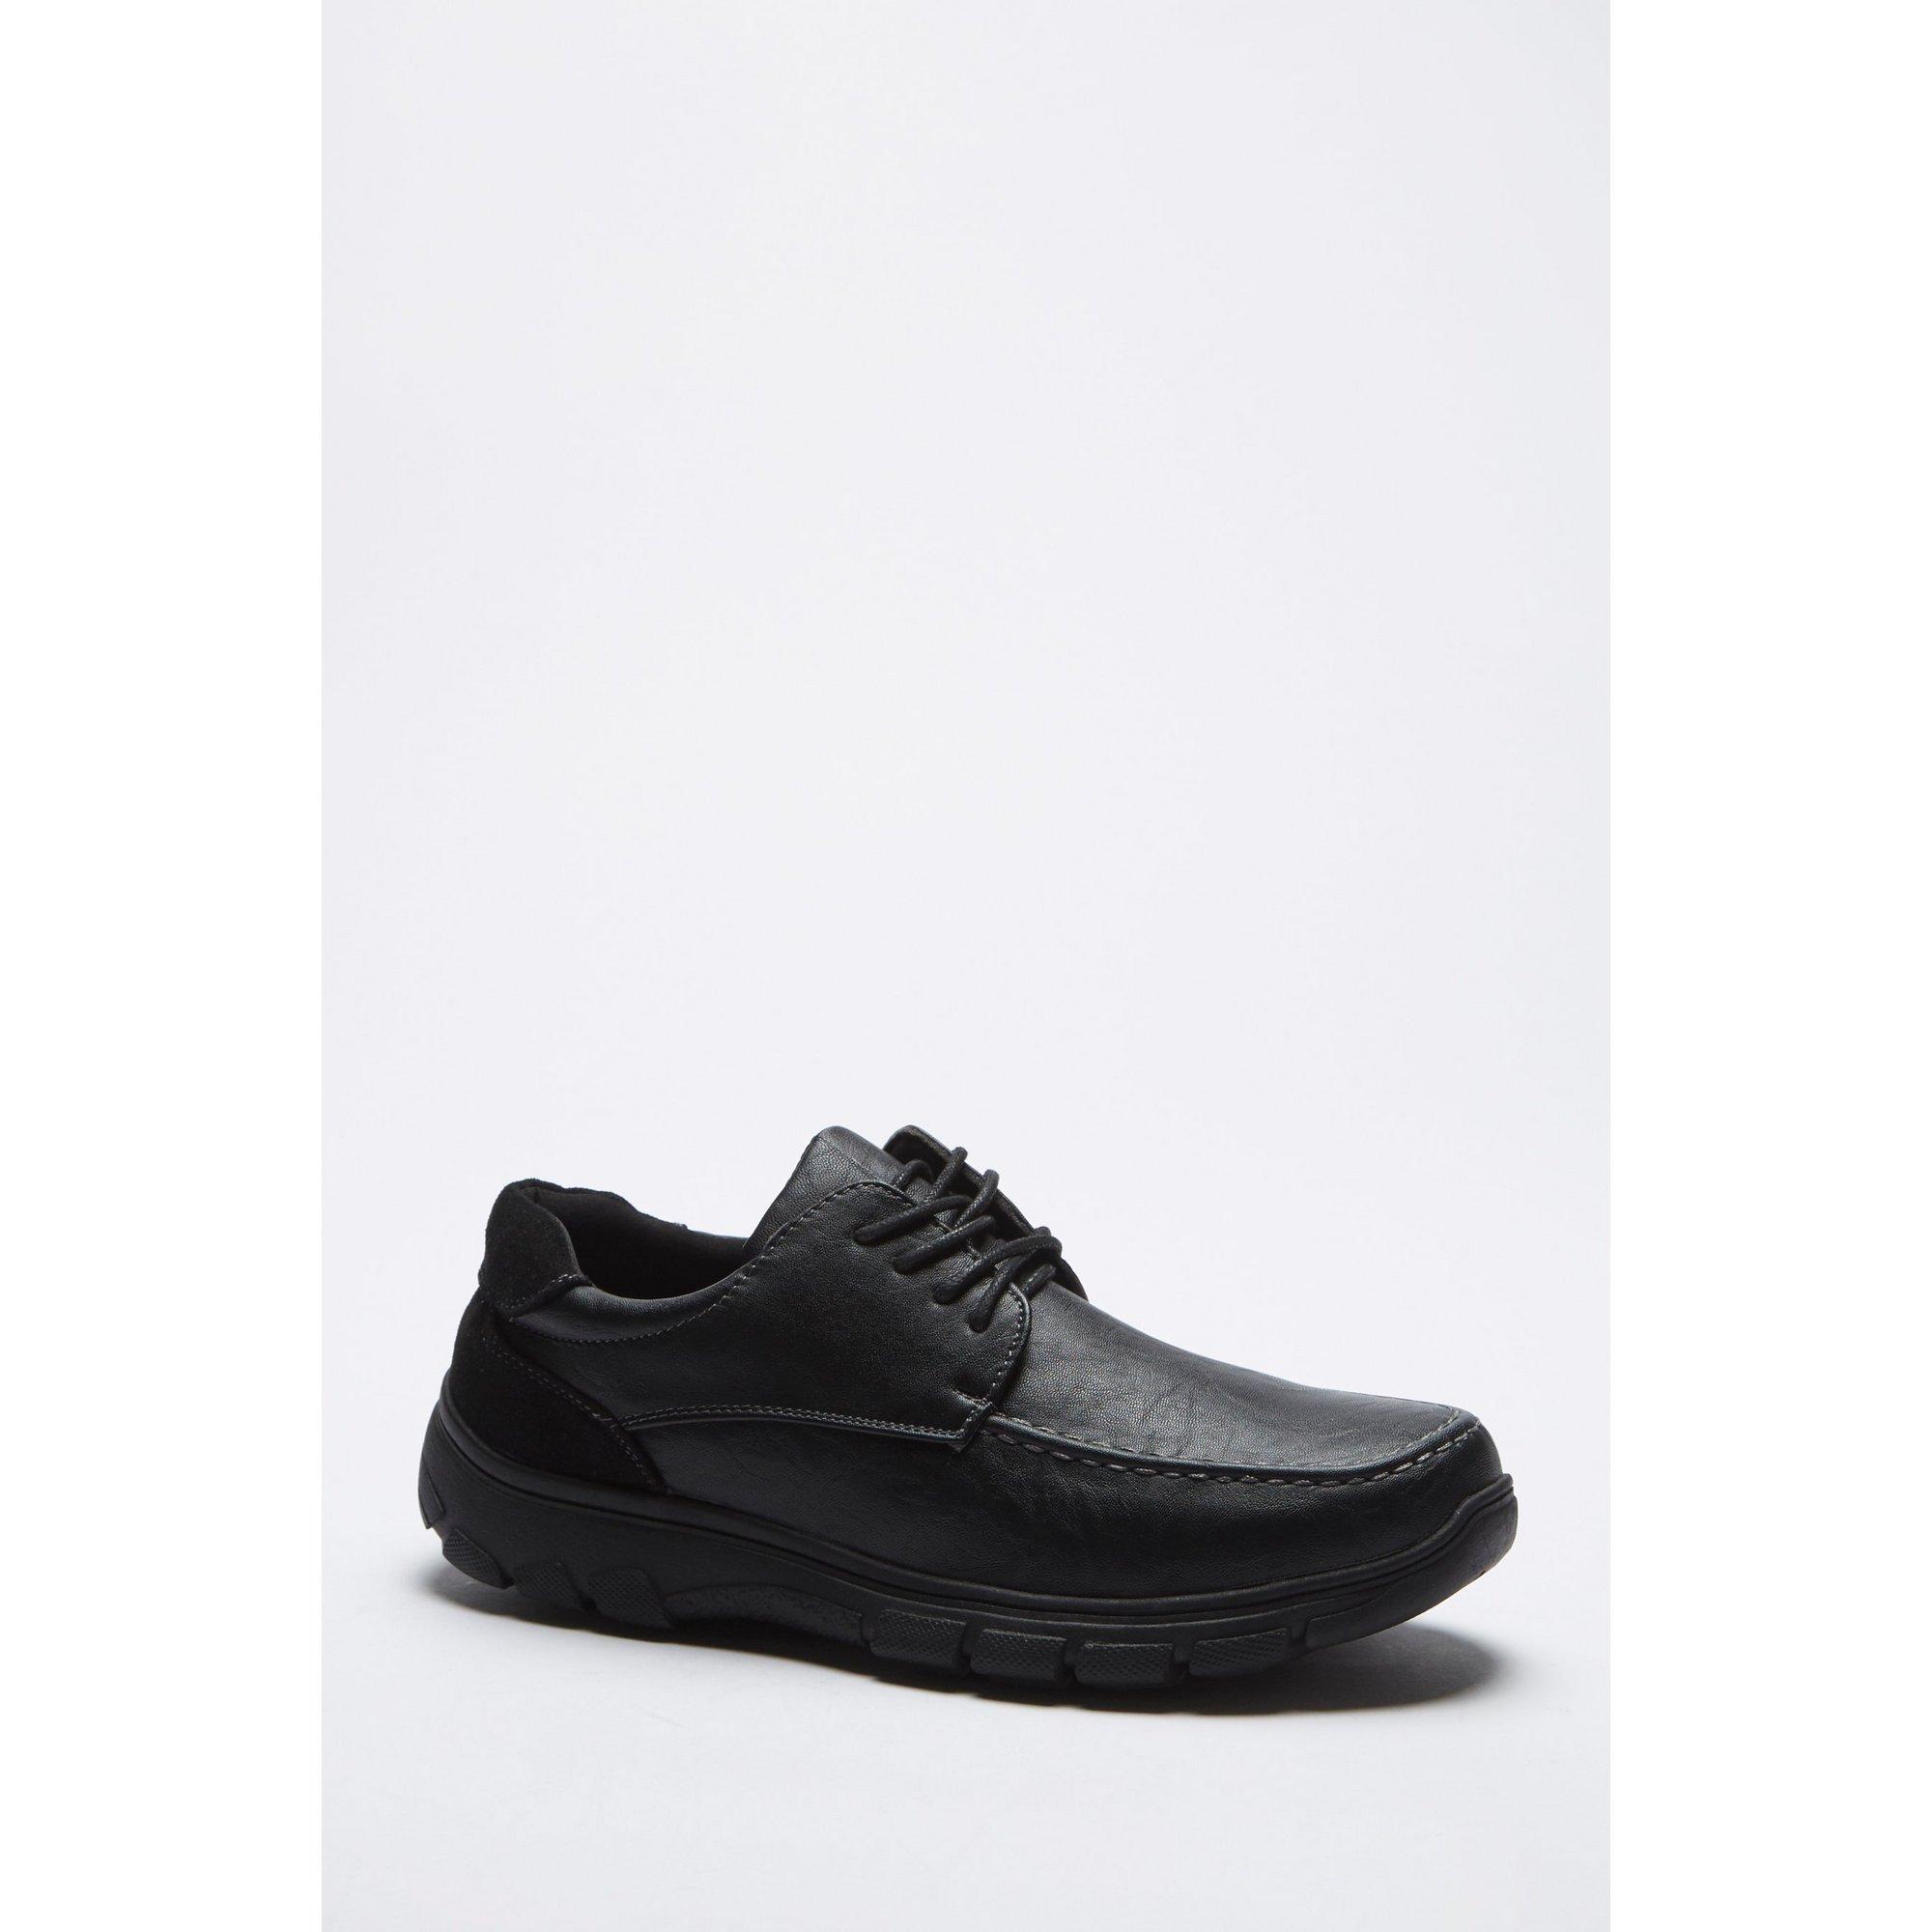 Image of Cushion Walk Lace Up Shoes